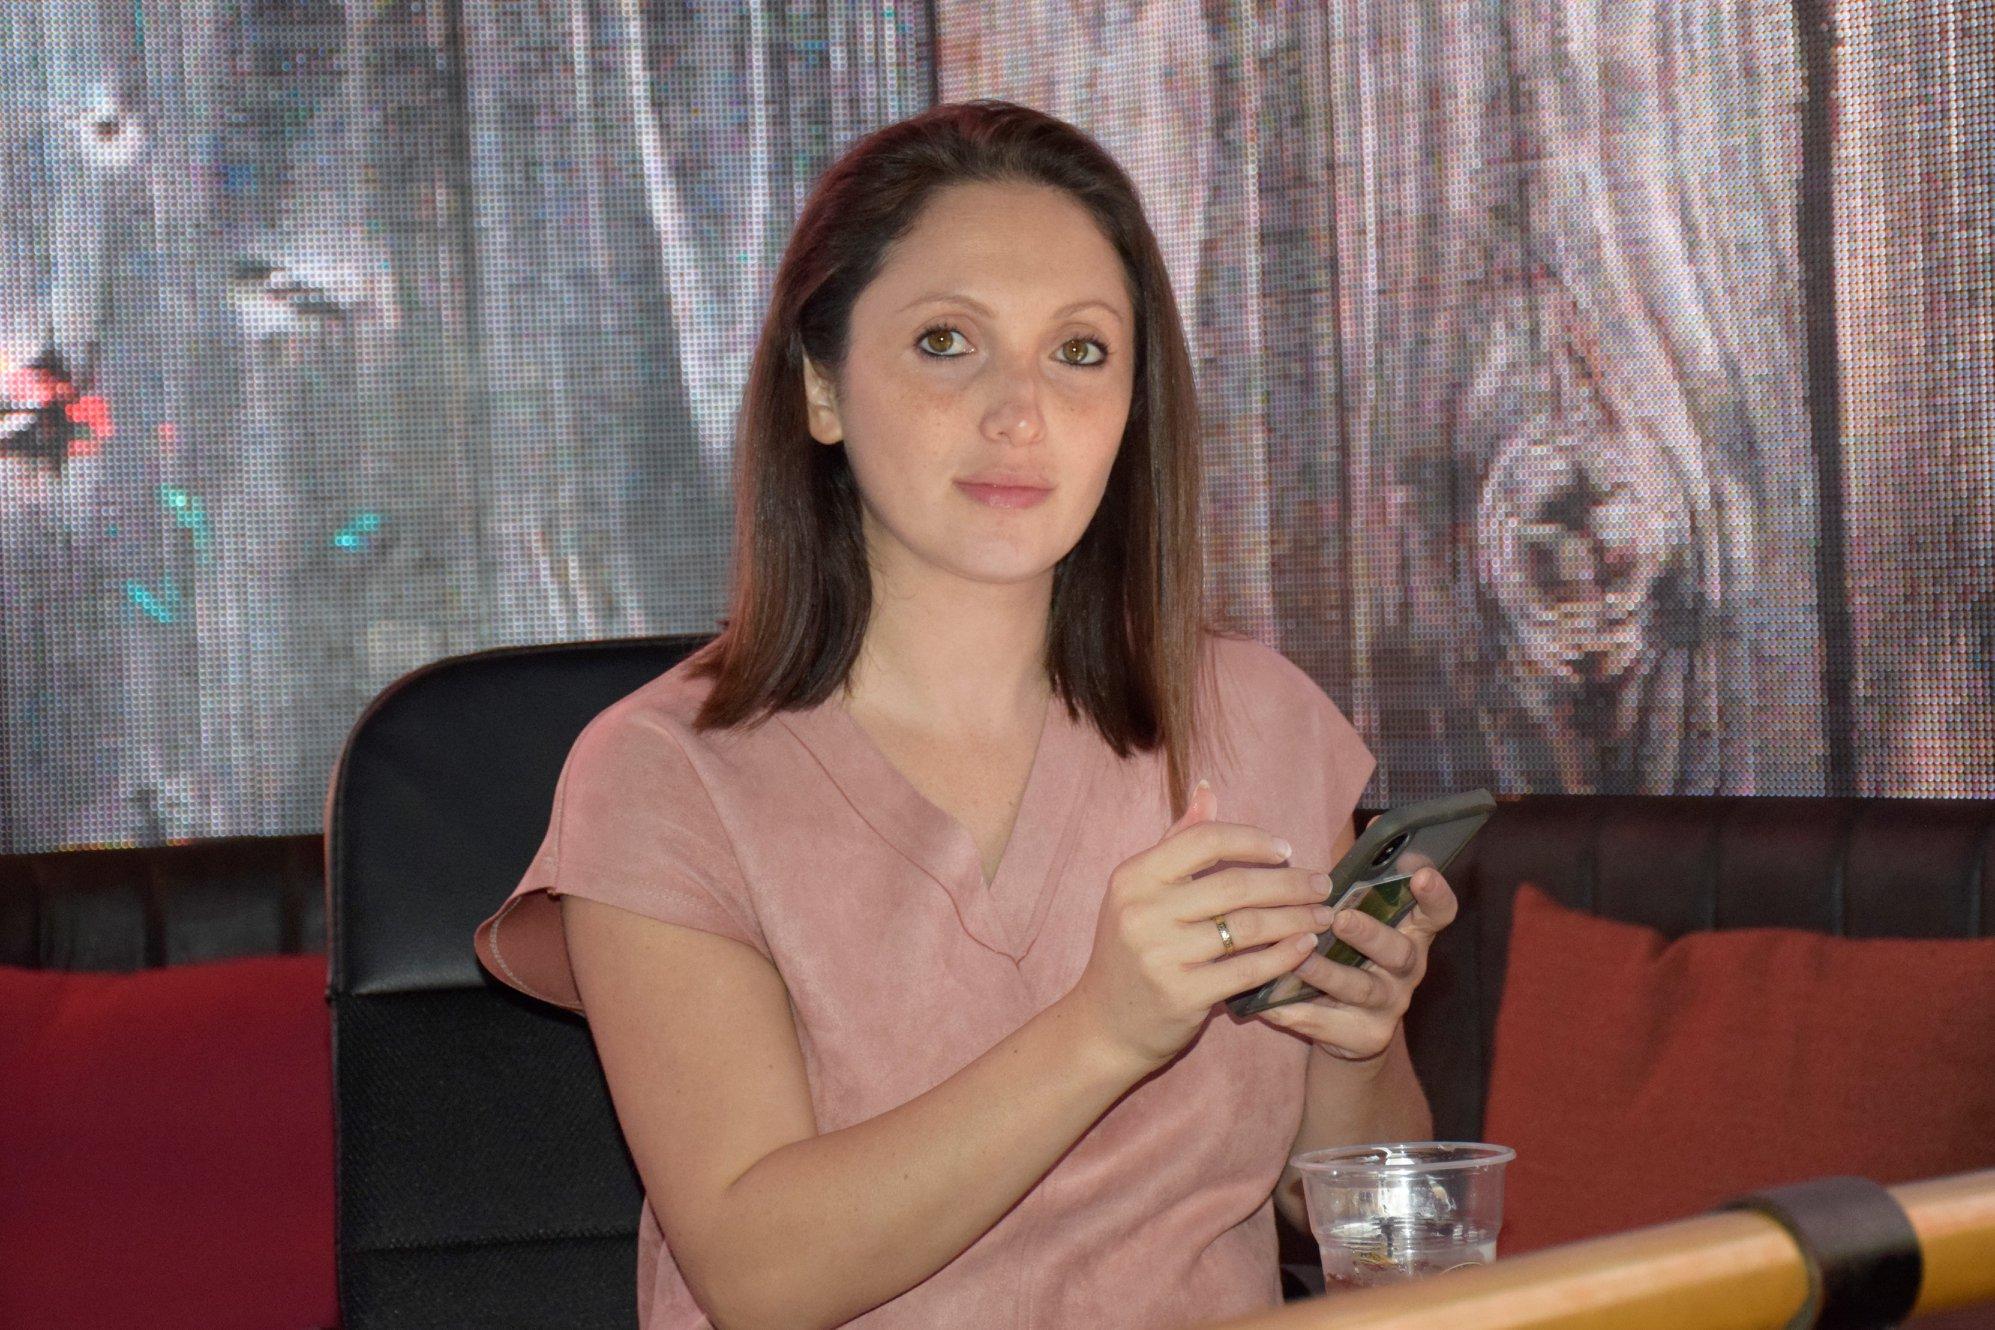 Sonja Henie picture